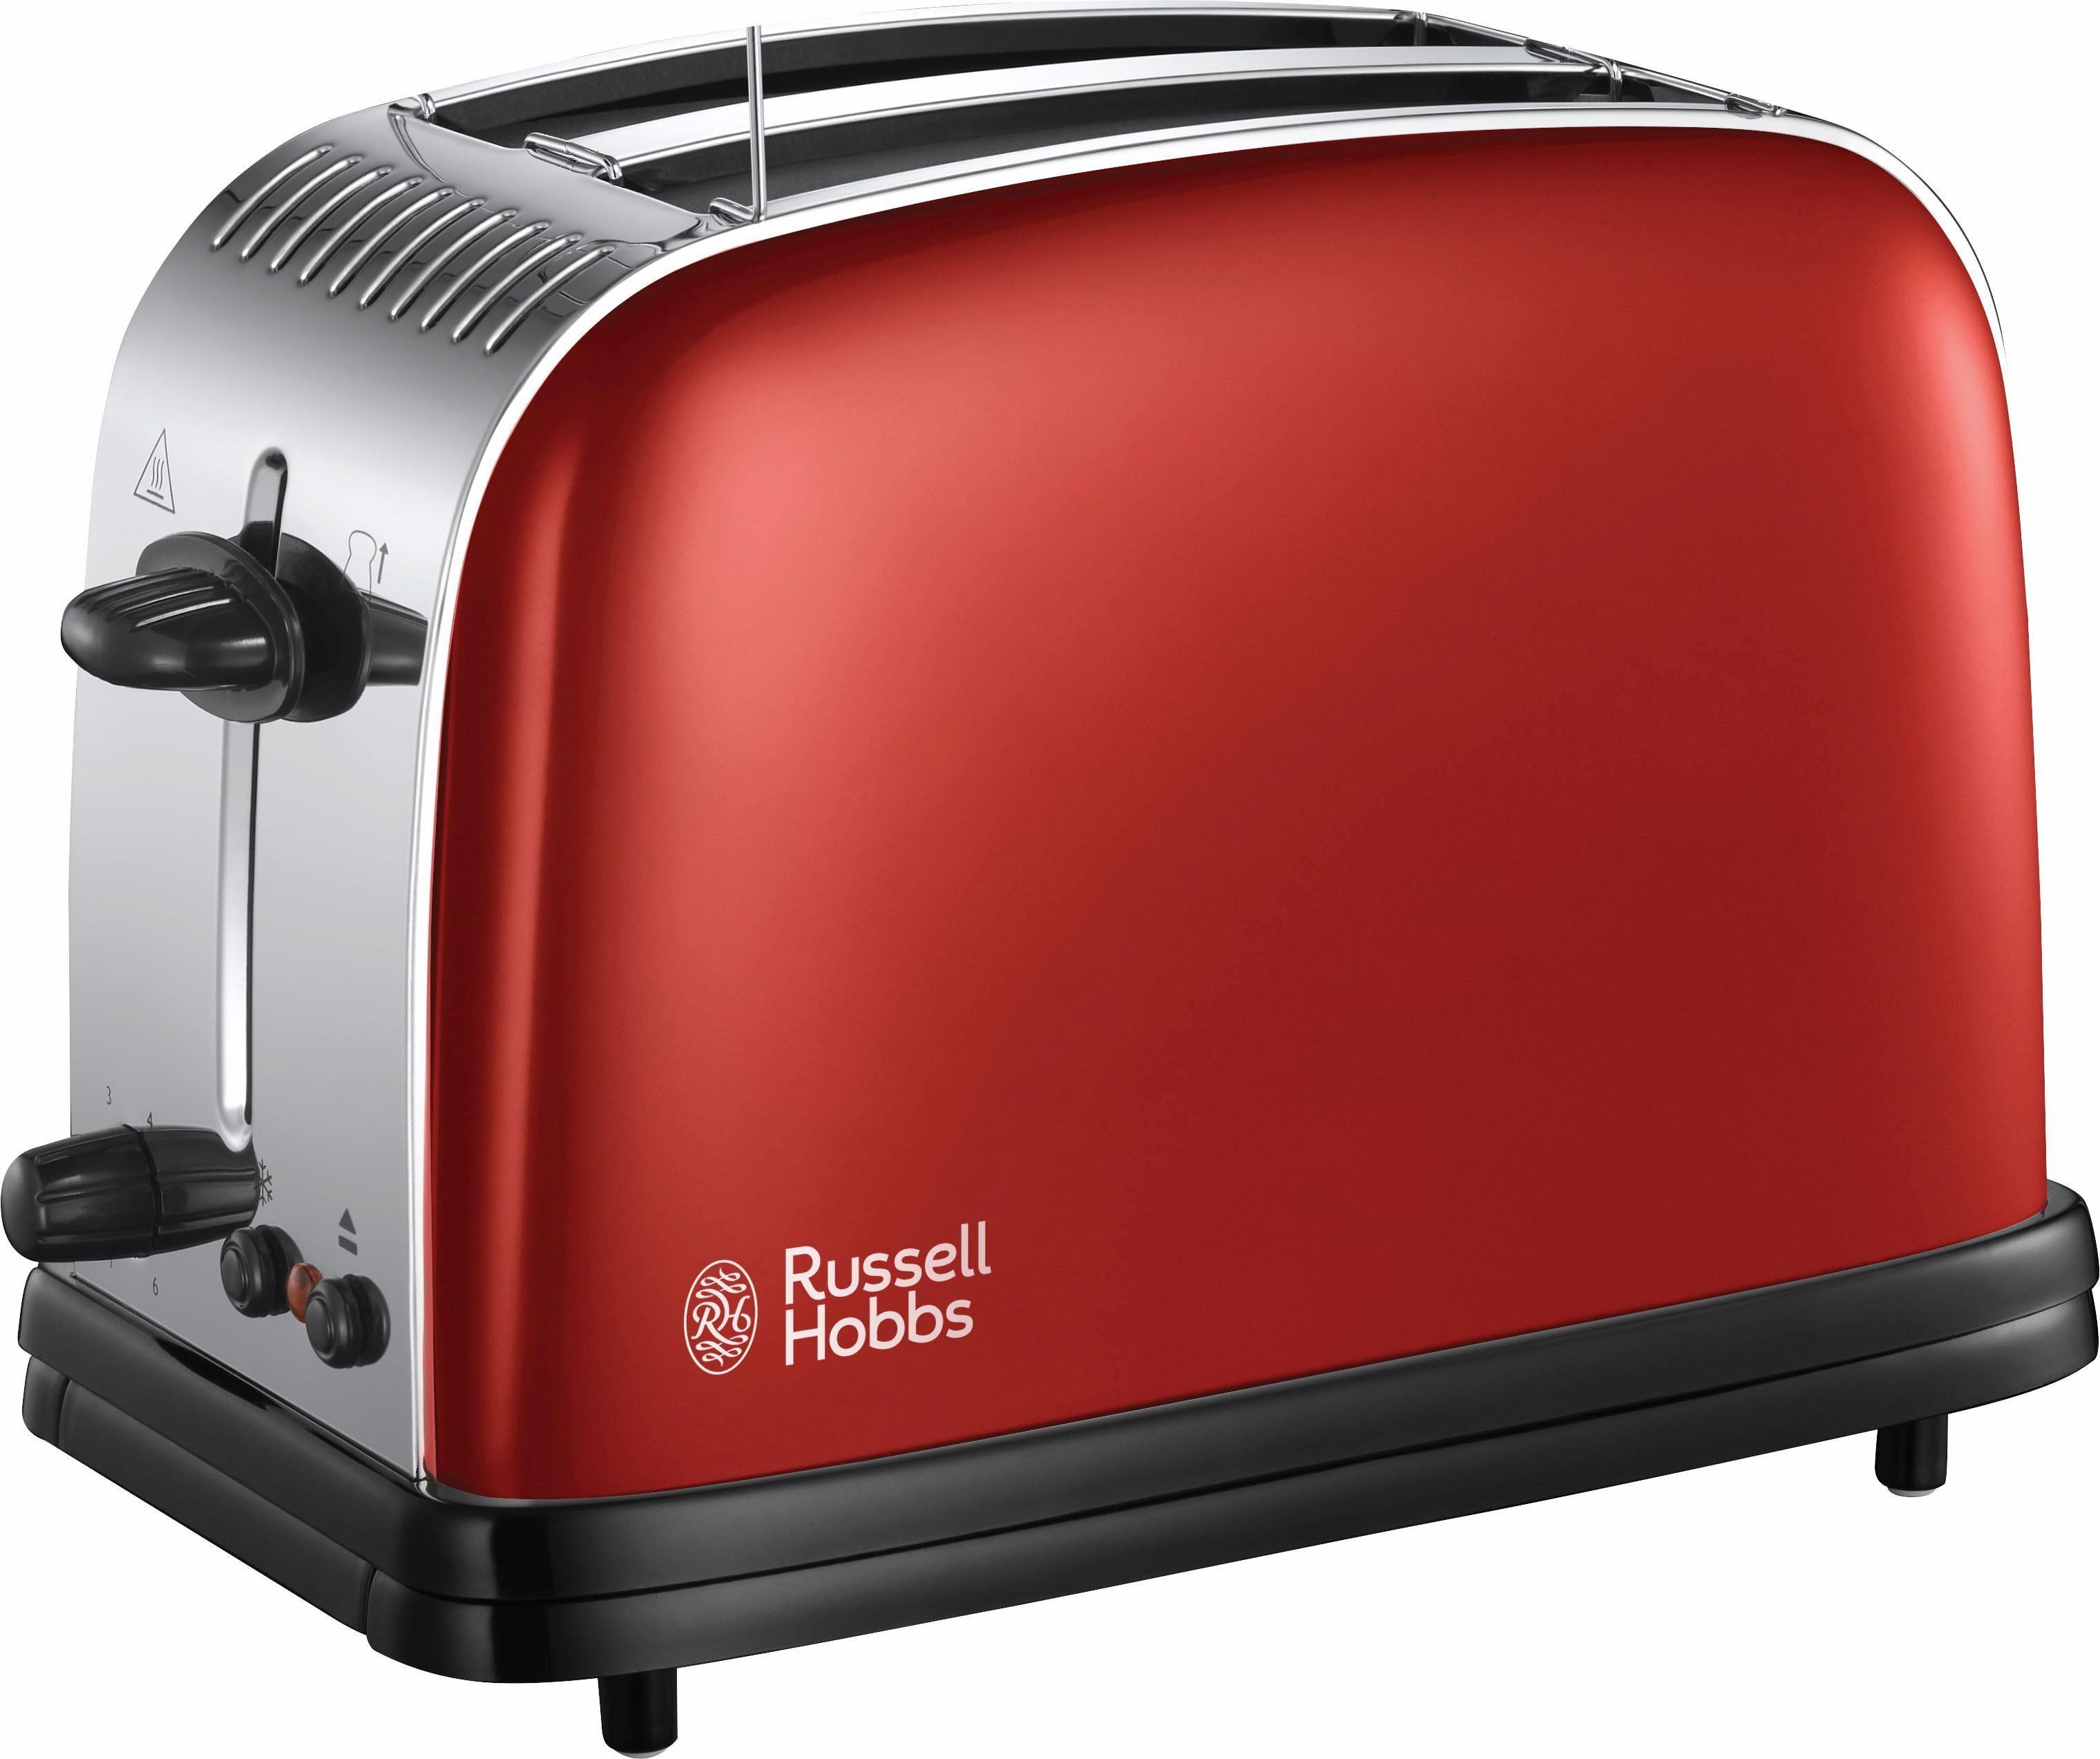 RUSSELL HOBBS Toaster 23330-56, für 2 Scheiben, 1670 W